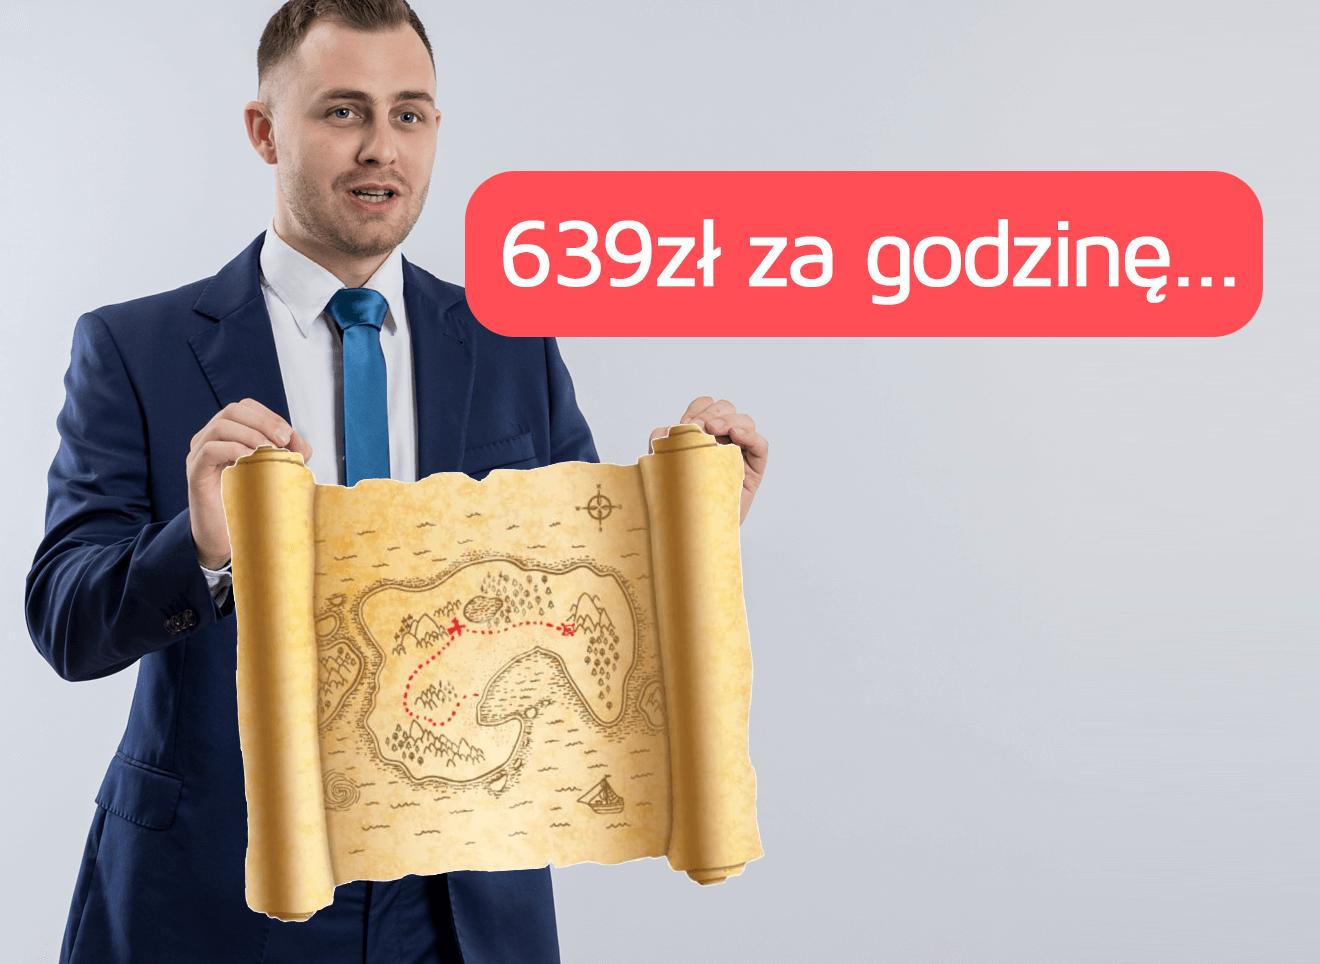 marek-mapa